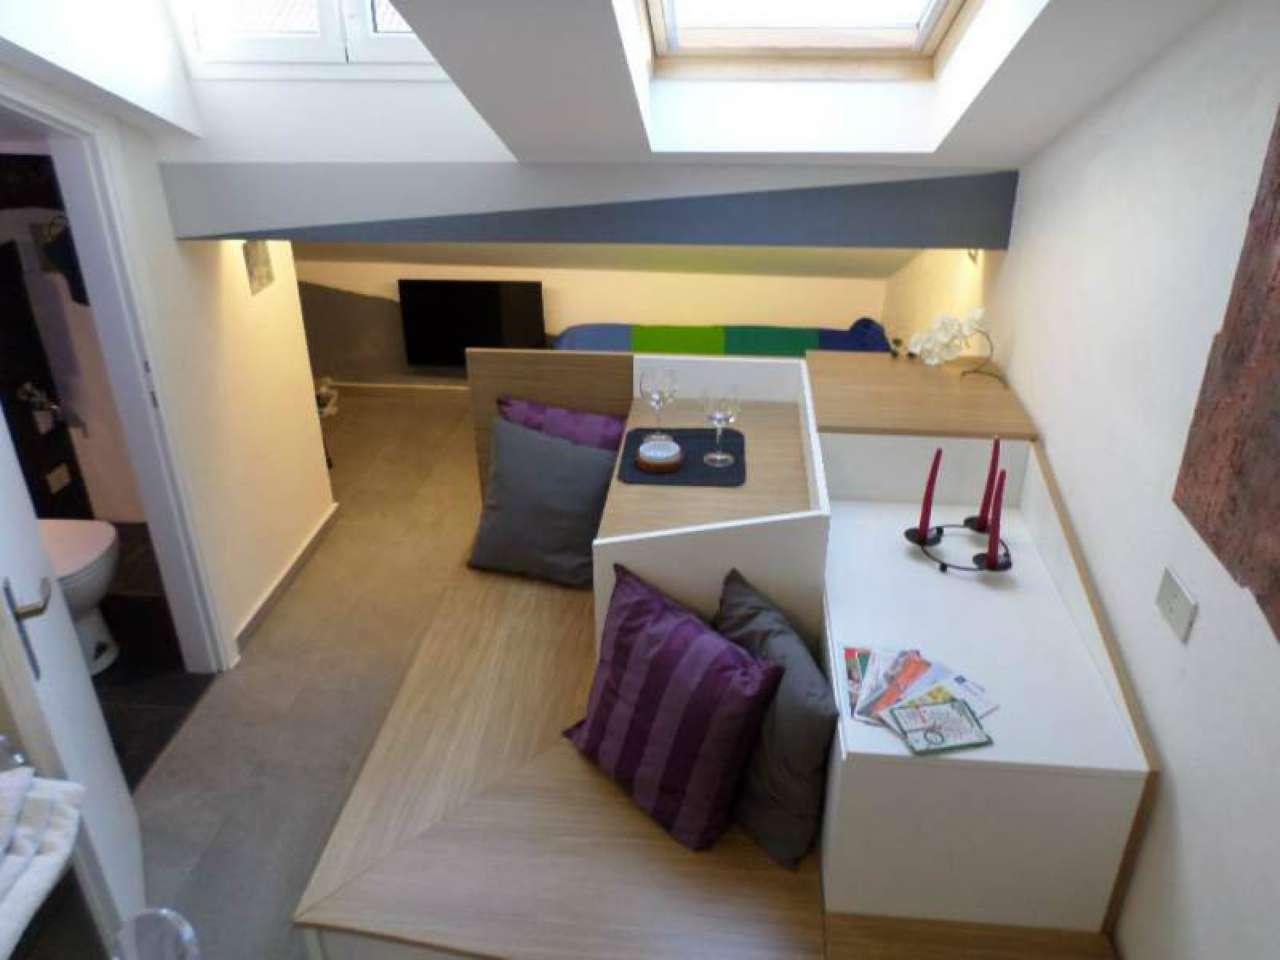 Appartamento in affitto a Milano, 1 locali, zona Zona: 1 . Centro Storico, Duomo, Brera, Cadorna, Cattolica, prezzo € 1.050 | CambioCasa.it